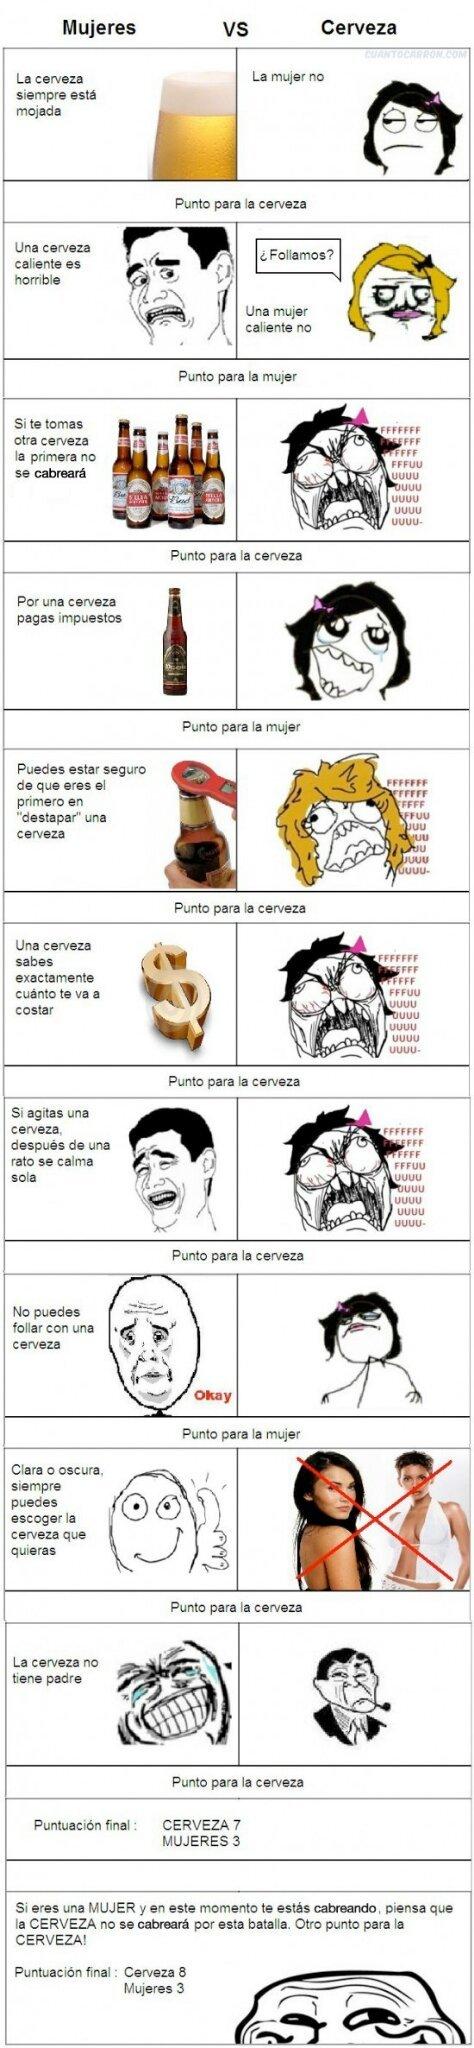 Cerveza vs Mujer - meme